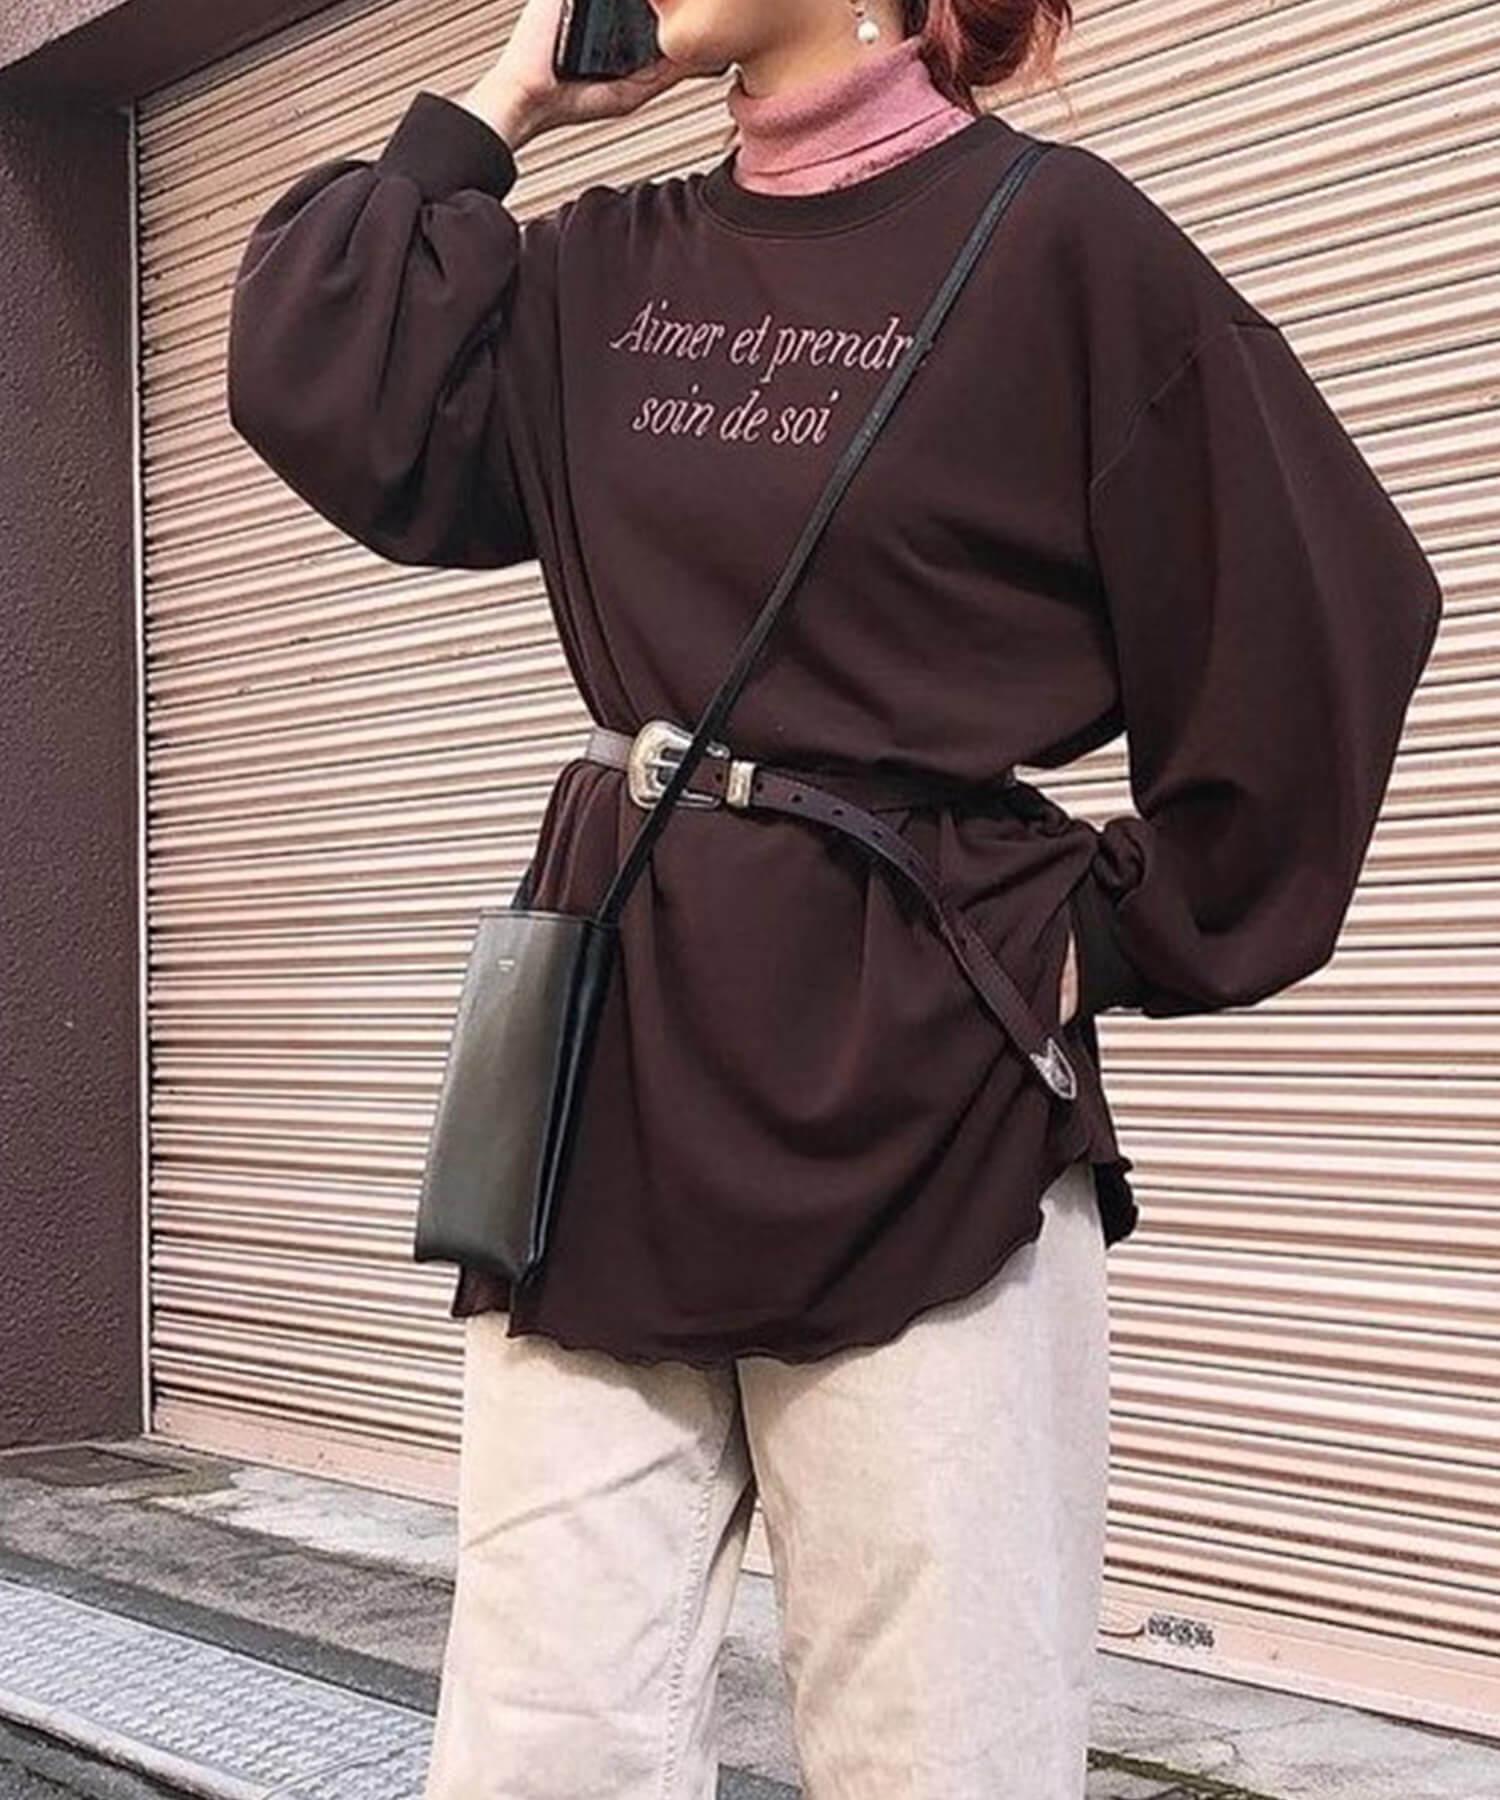 チュニック  プルオーバー バックレースアップ ボリューム袖 mimi toujours 全3色 SS  mtj512-0186